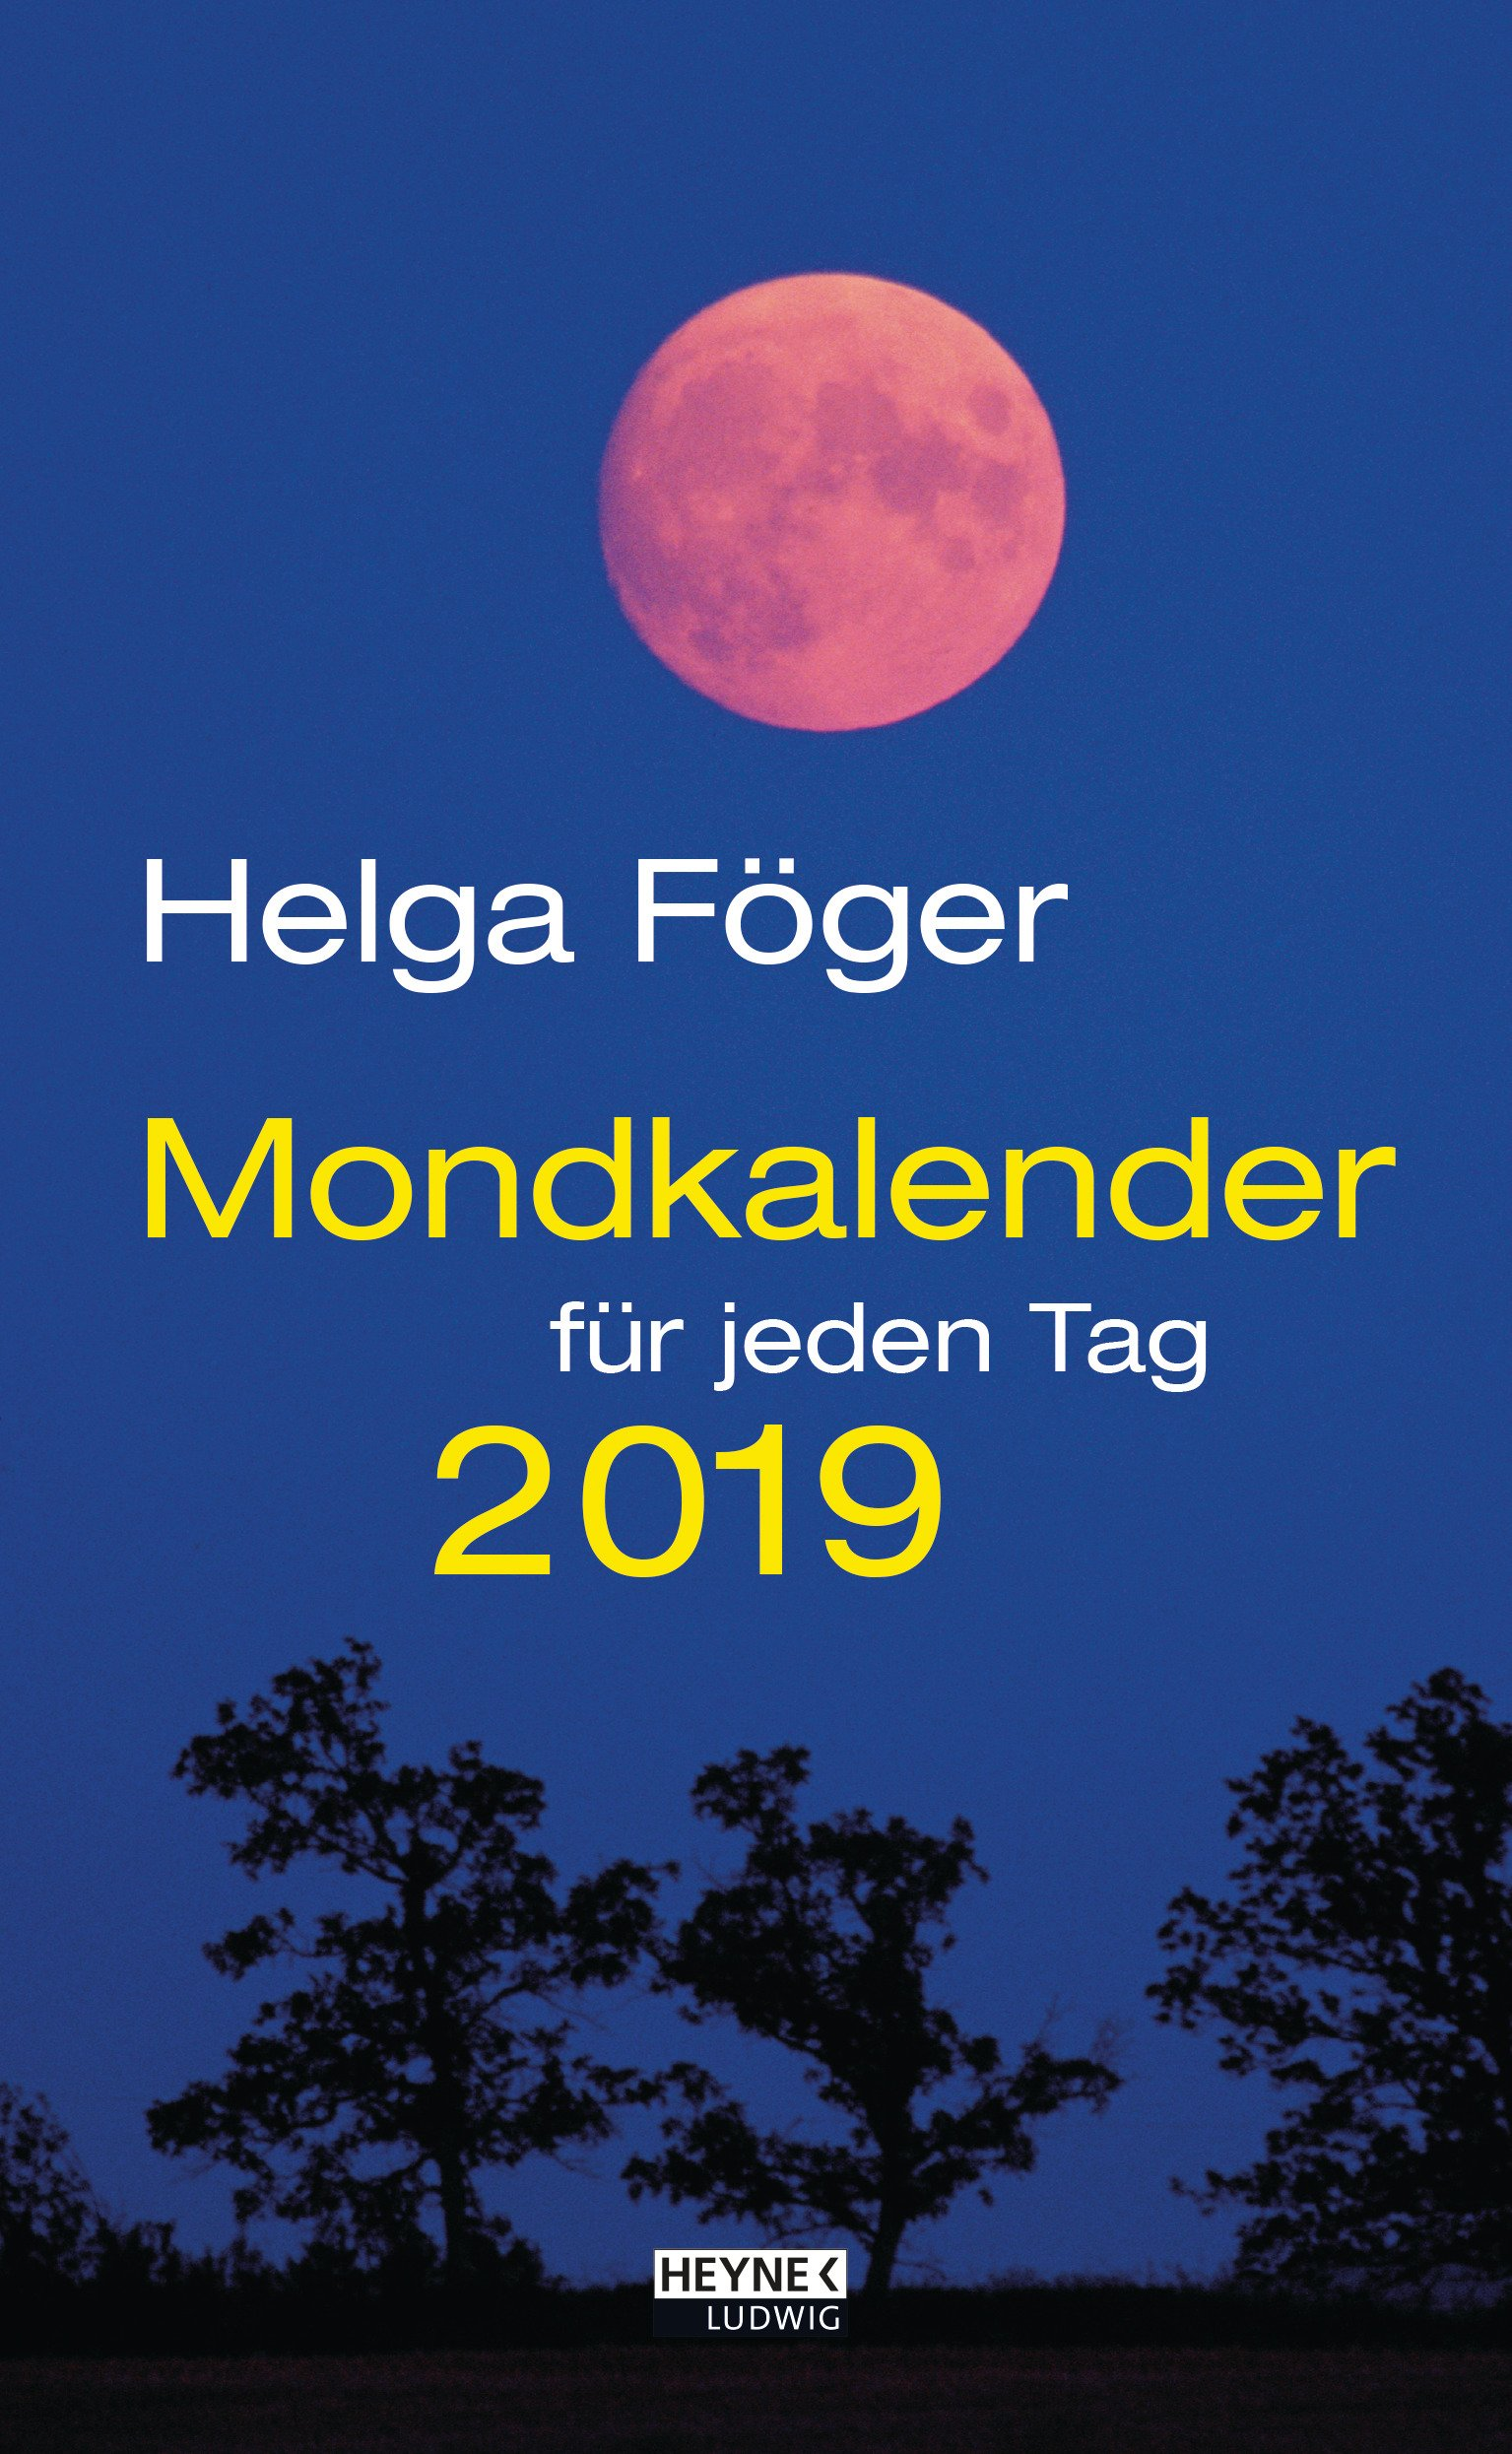 Mondkalender für jeden Tag 2019: Abreißkalender Kalender – Tageskalender, 4. Juni 2018 Helga Föger Ludwig bei Heyne 3453238389 Astrologie / Kalender